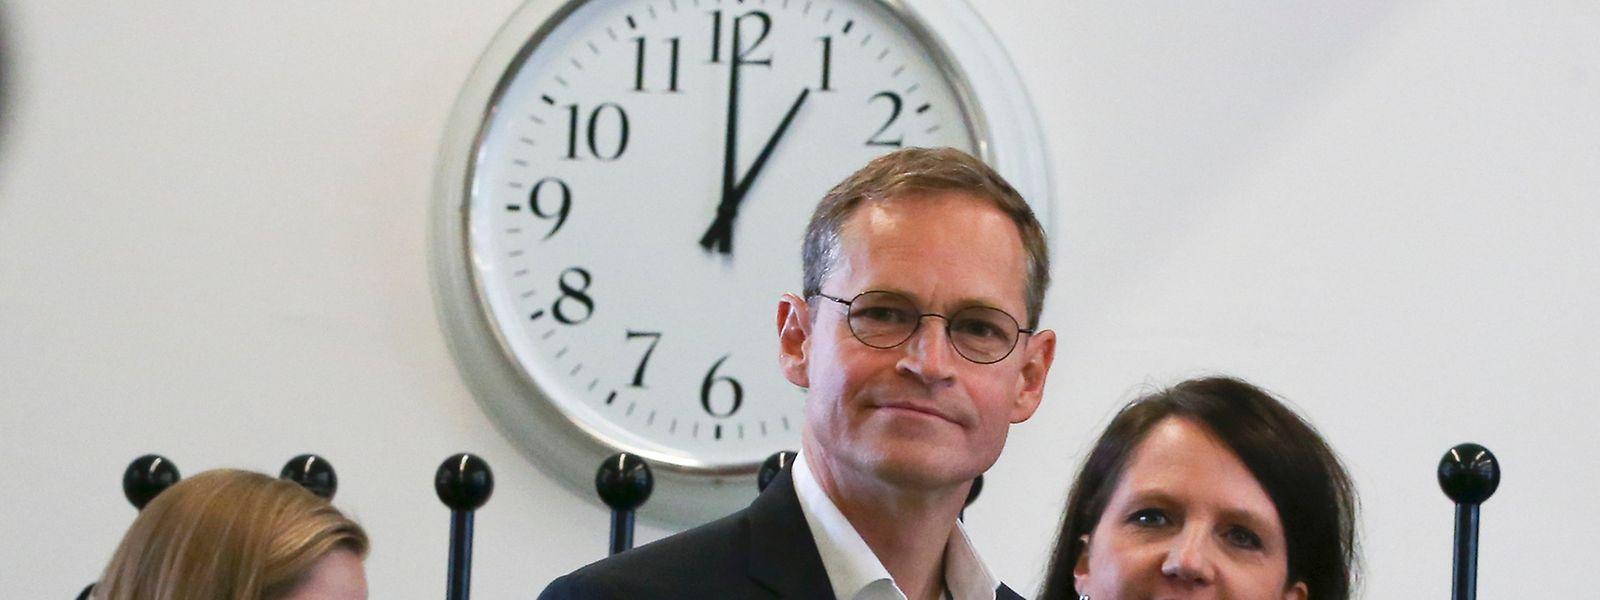 Der aktuelle Bürgermeister von Berlin Michael Müller (SPD) und seine Frau bei der Stimmabgabe im Wahllokal.